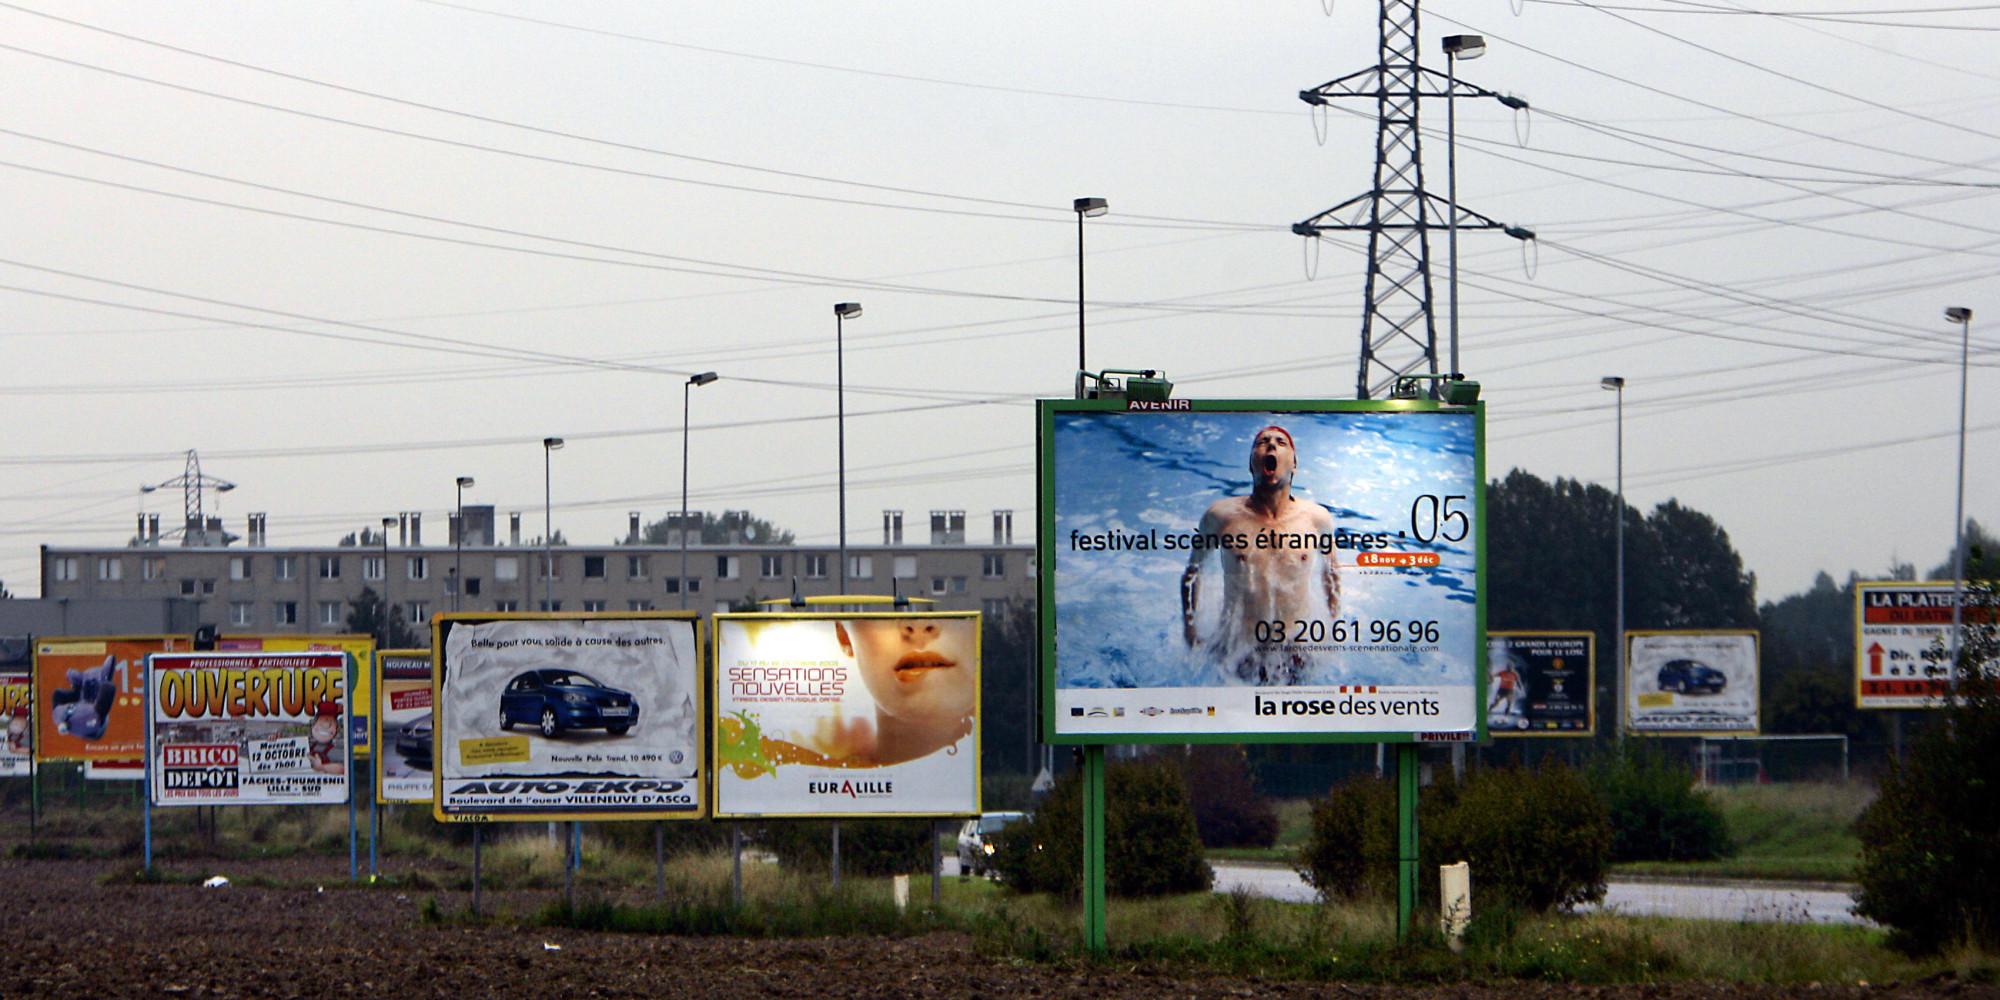 Grenoble les panneaux publicitaires vont dispara tre a d cid le maire ric piolle - Bureau de change grenoble ...